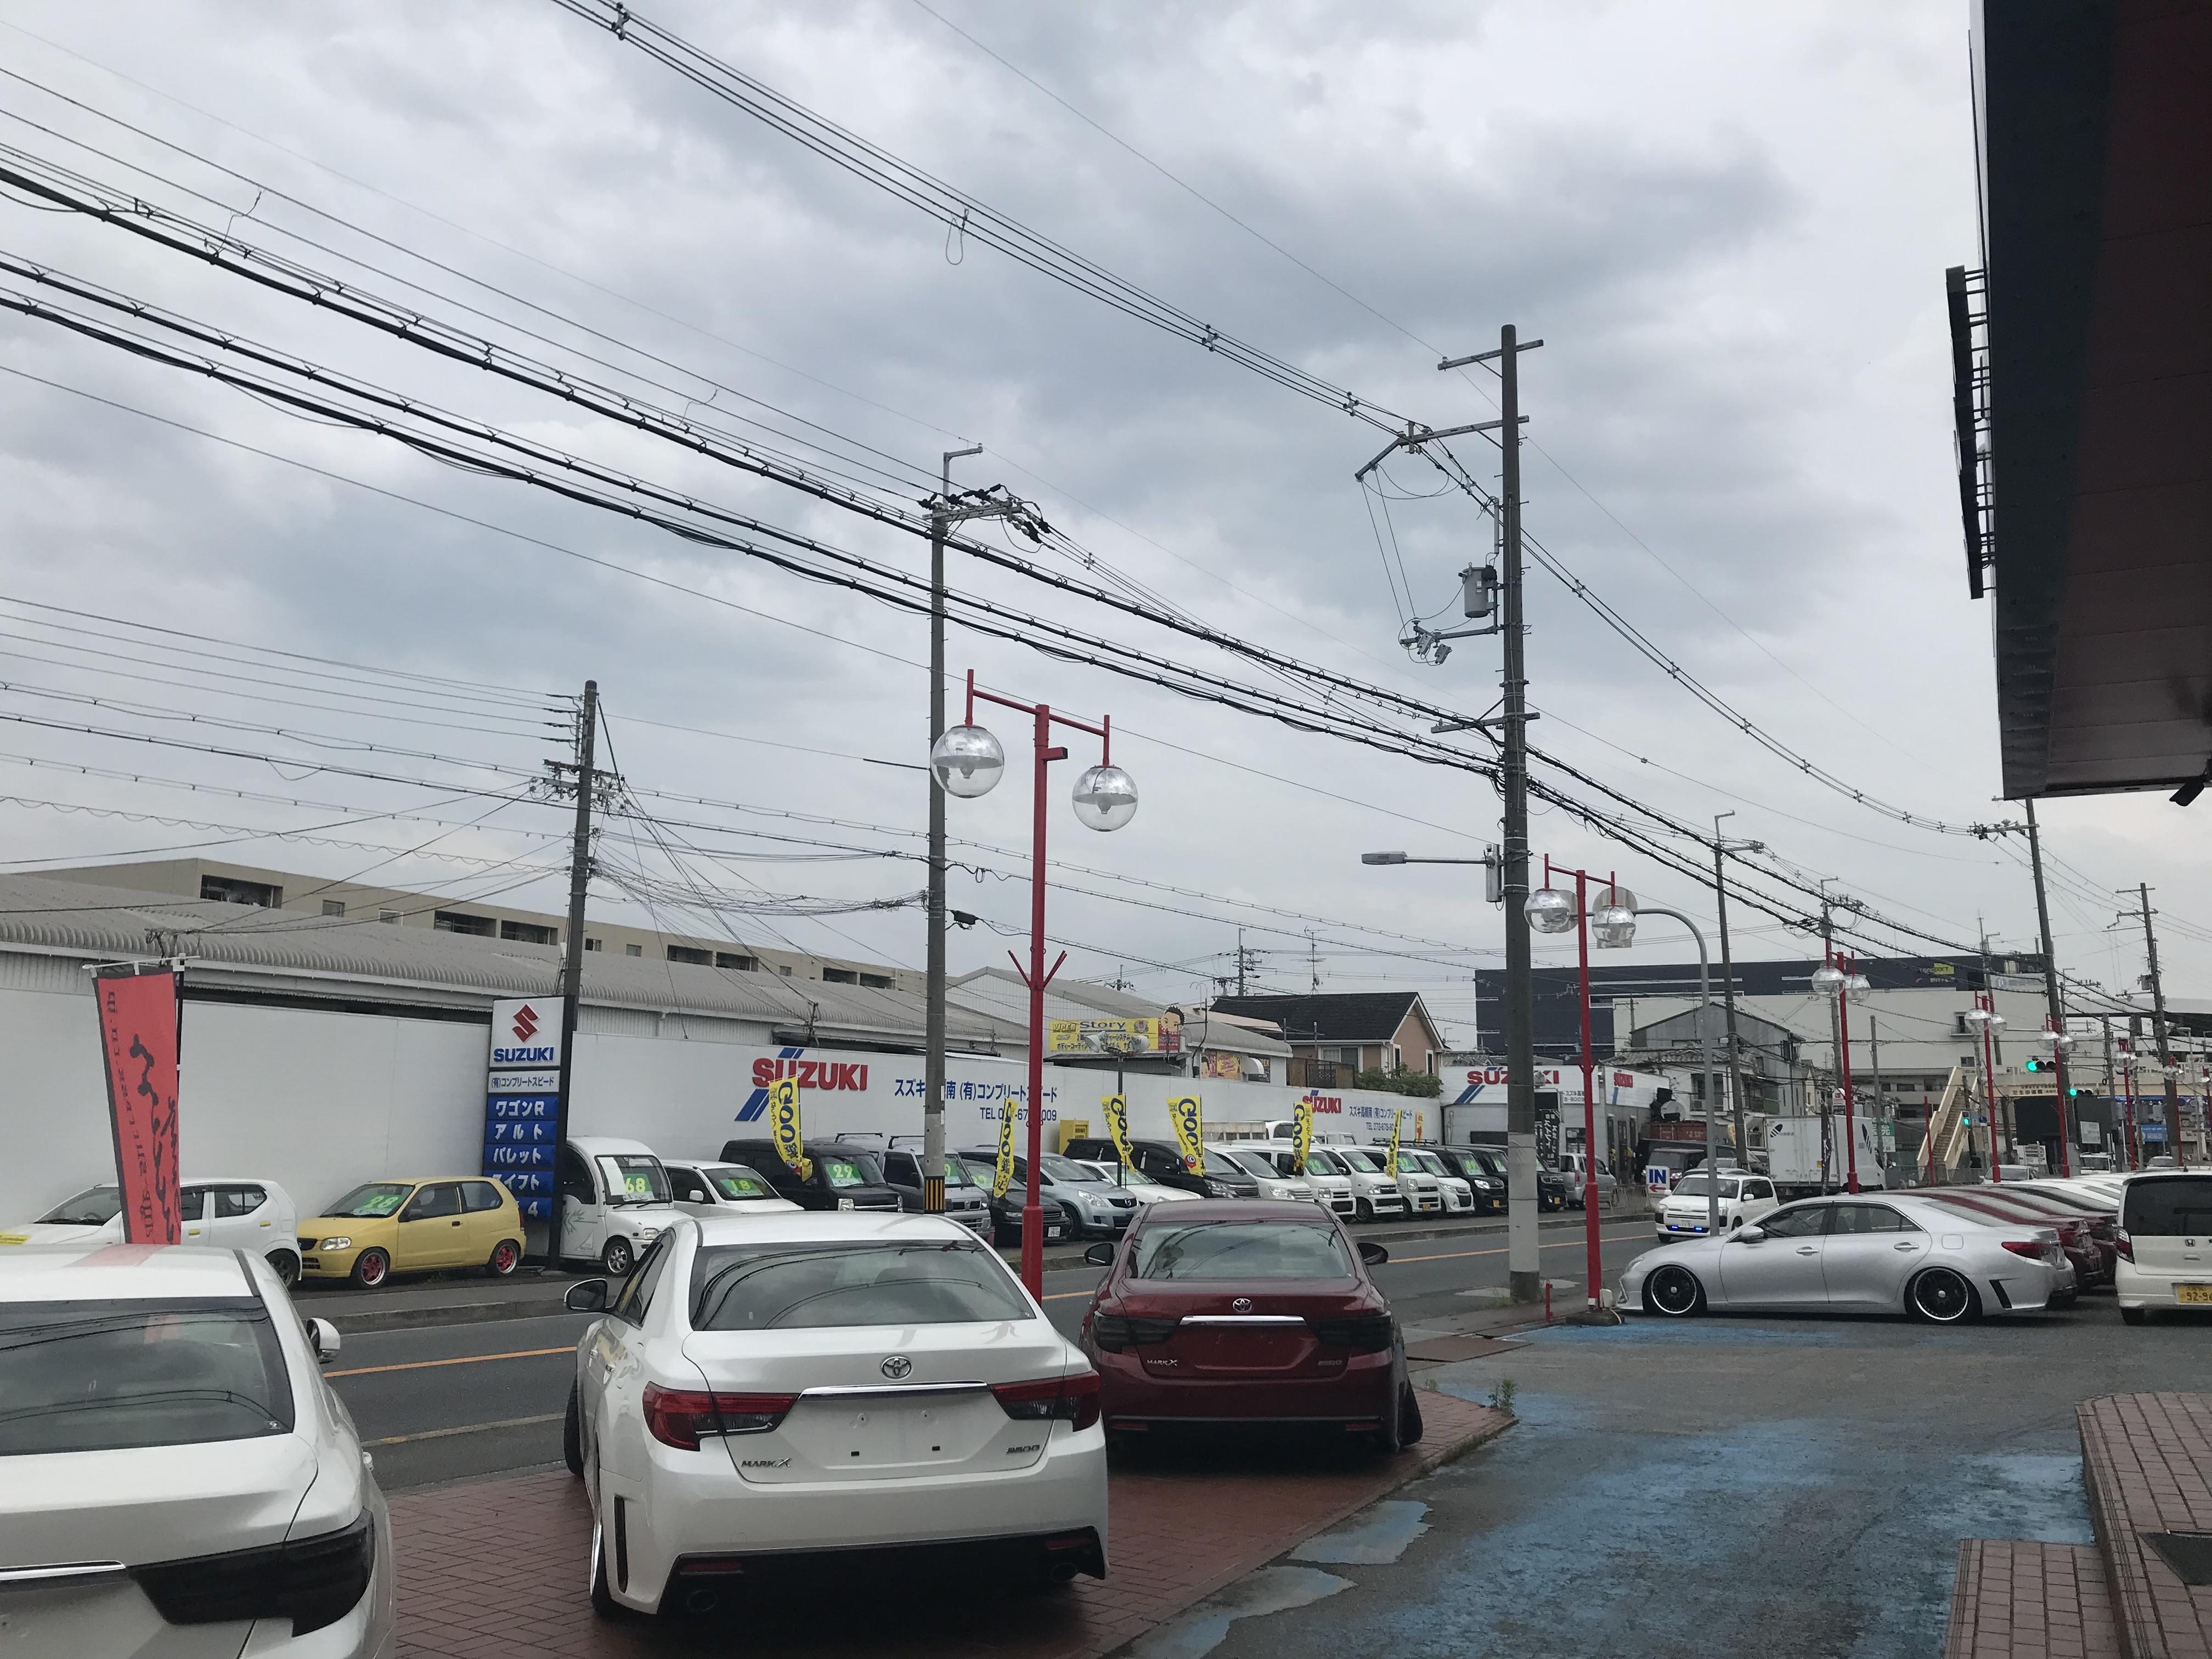 GarageSuccess 高槻店 マークX専門店 からシンちゃん 6月27日